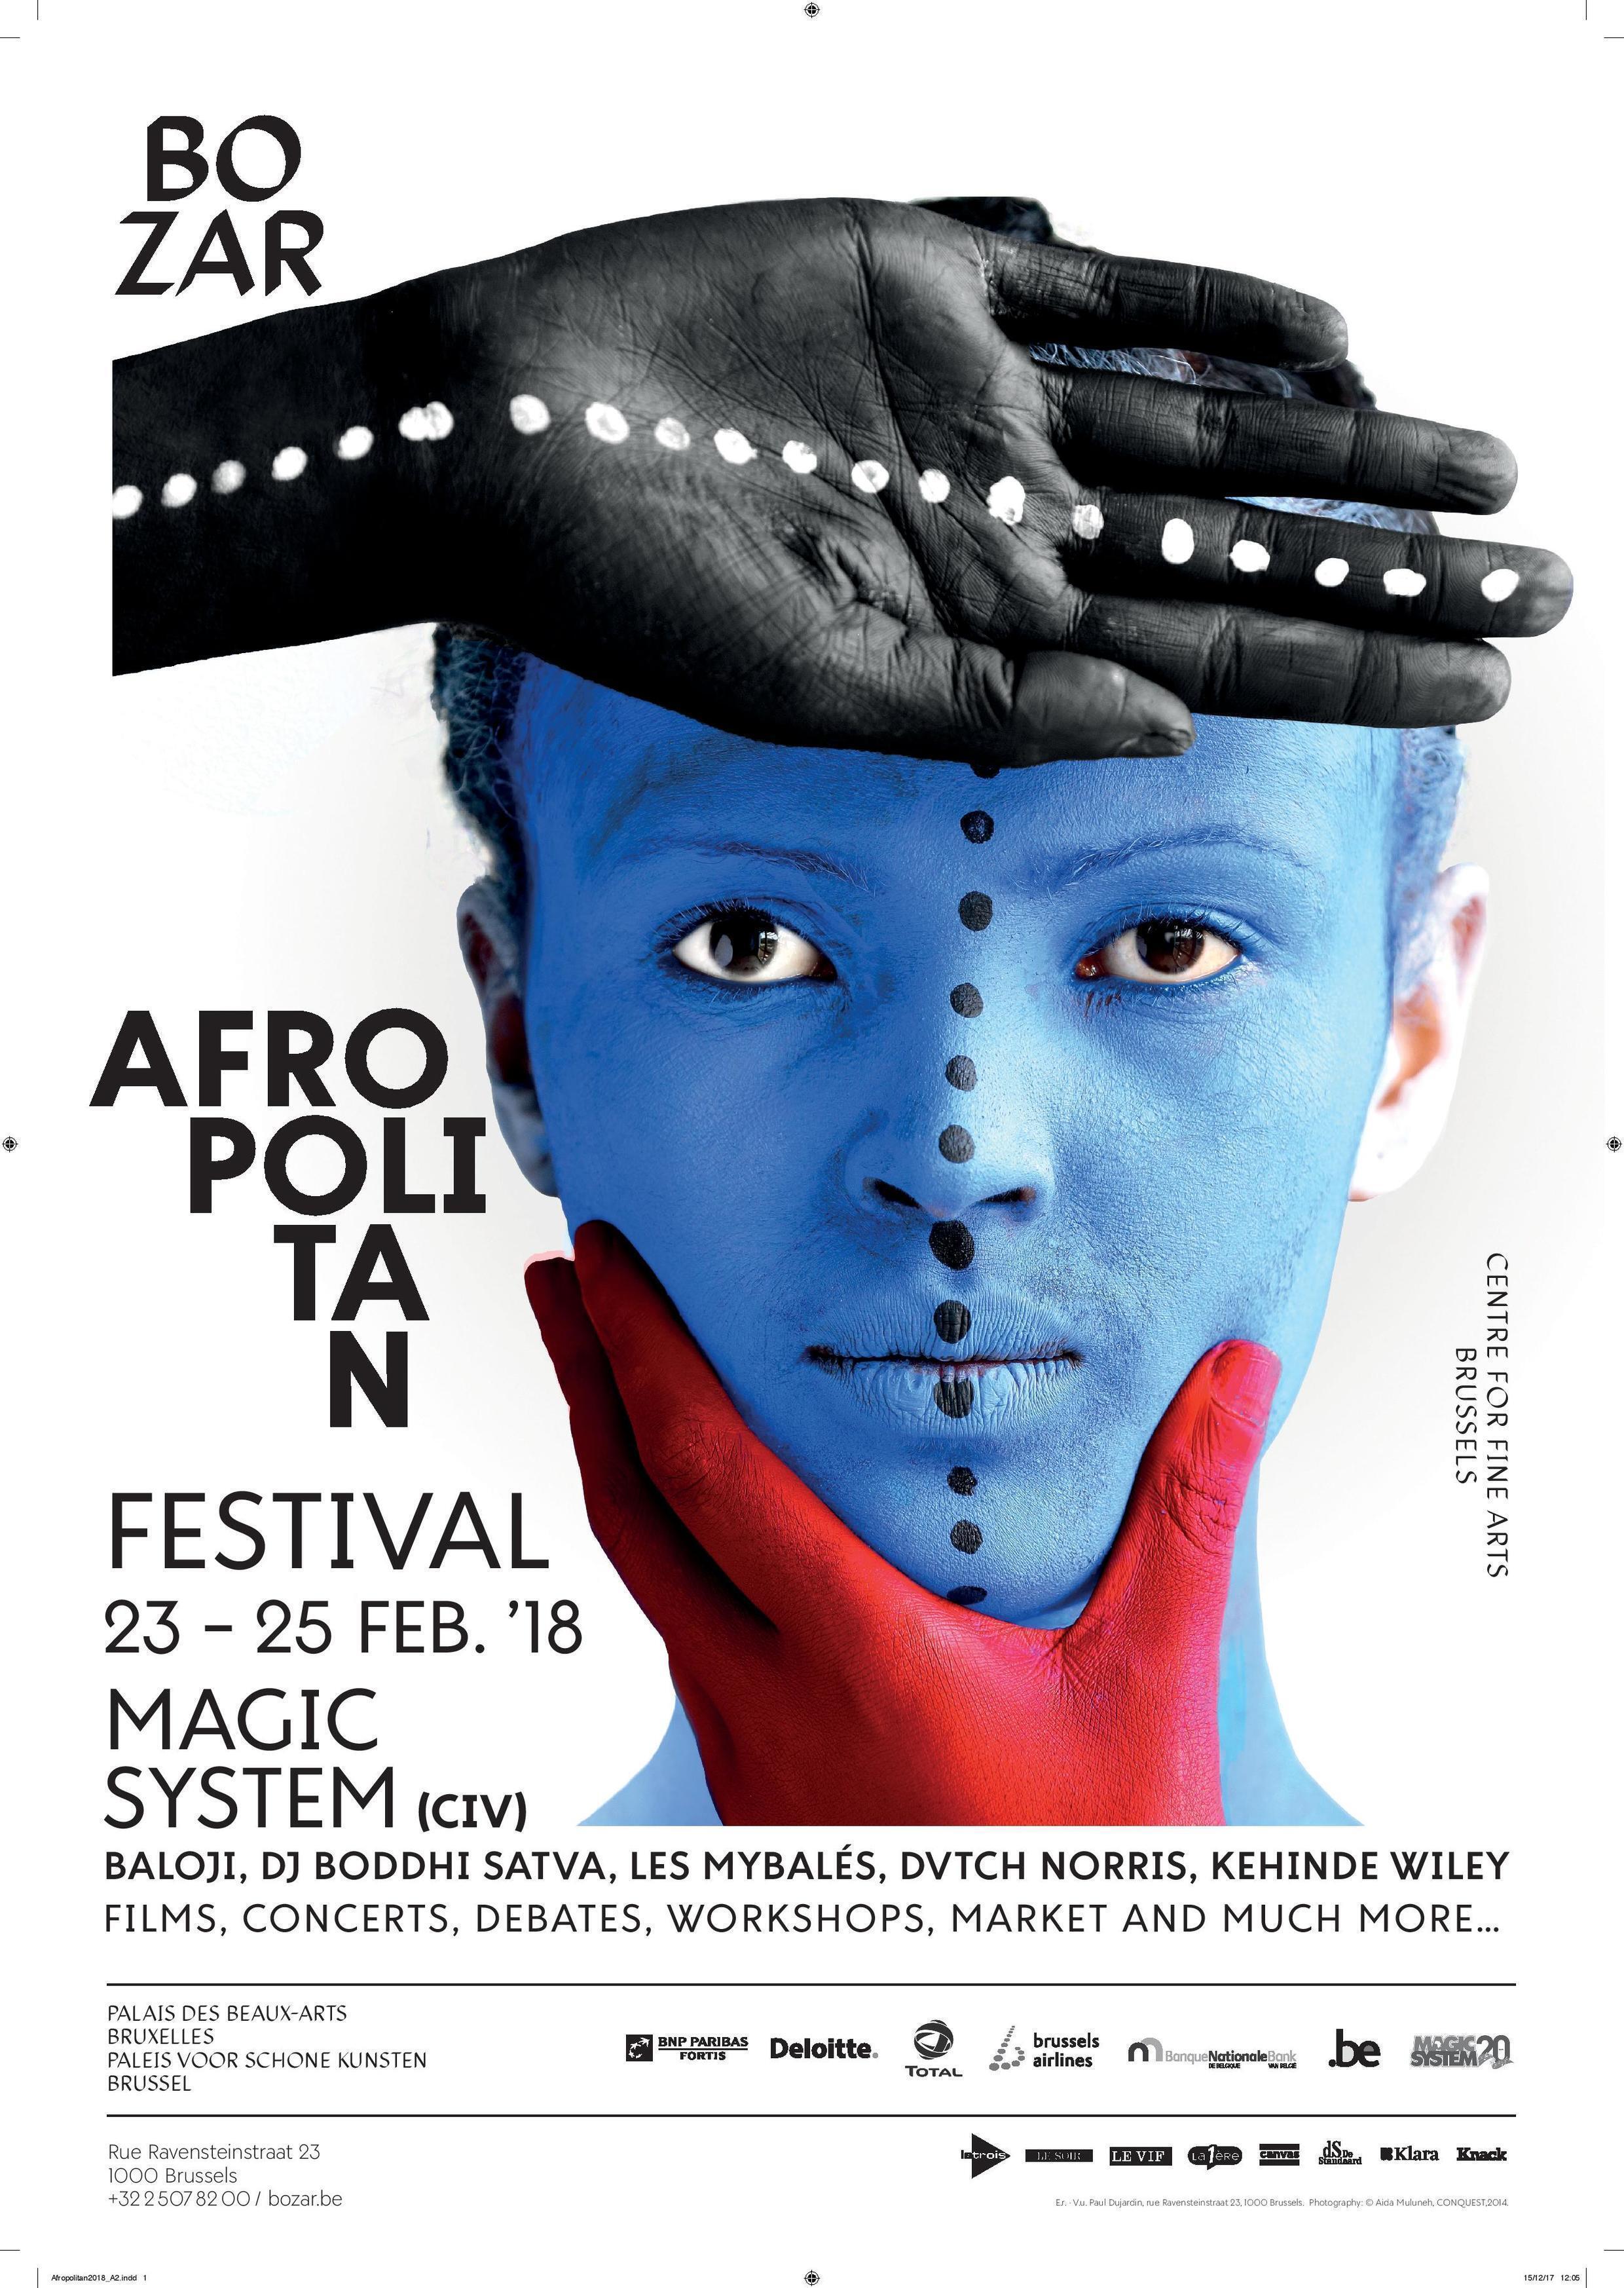 L'affiche du Festival Afropolitan.